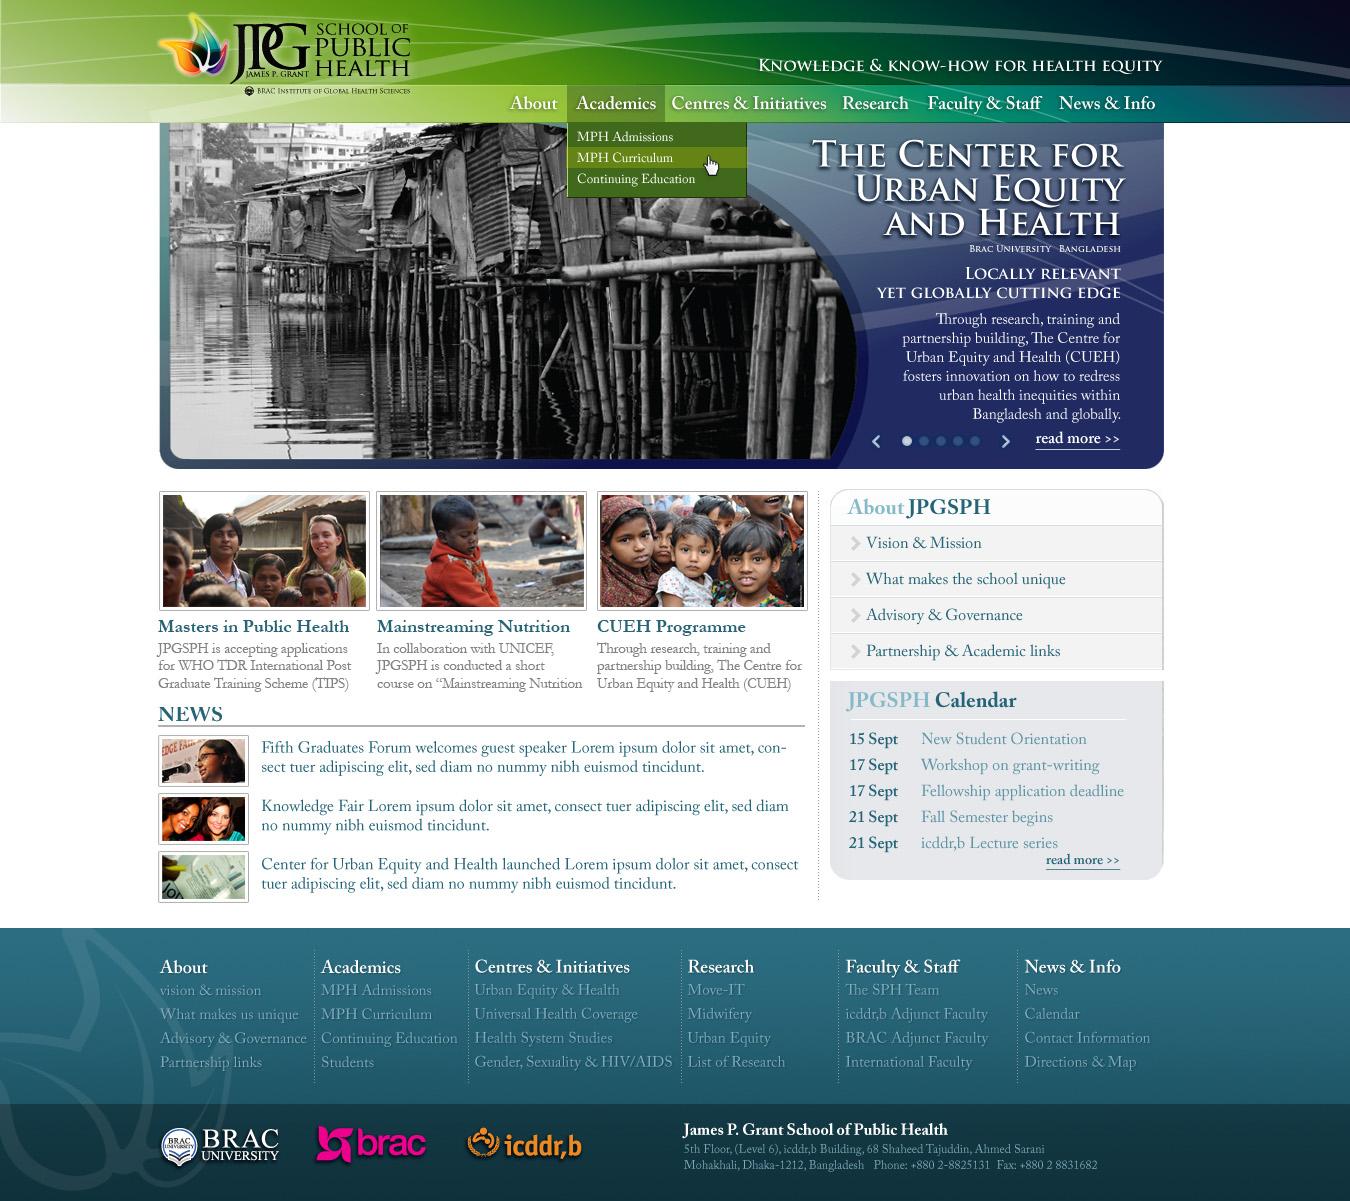 jpg-sph-4-website